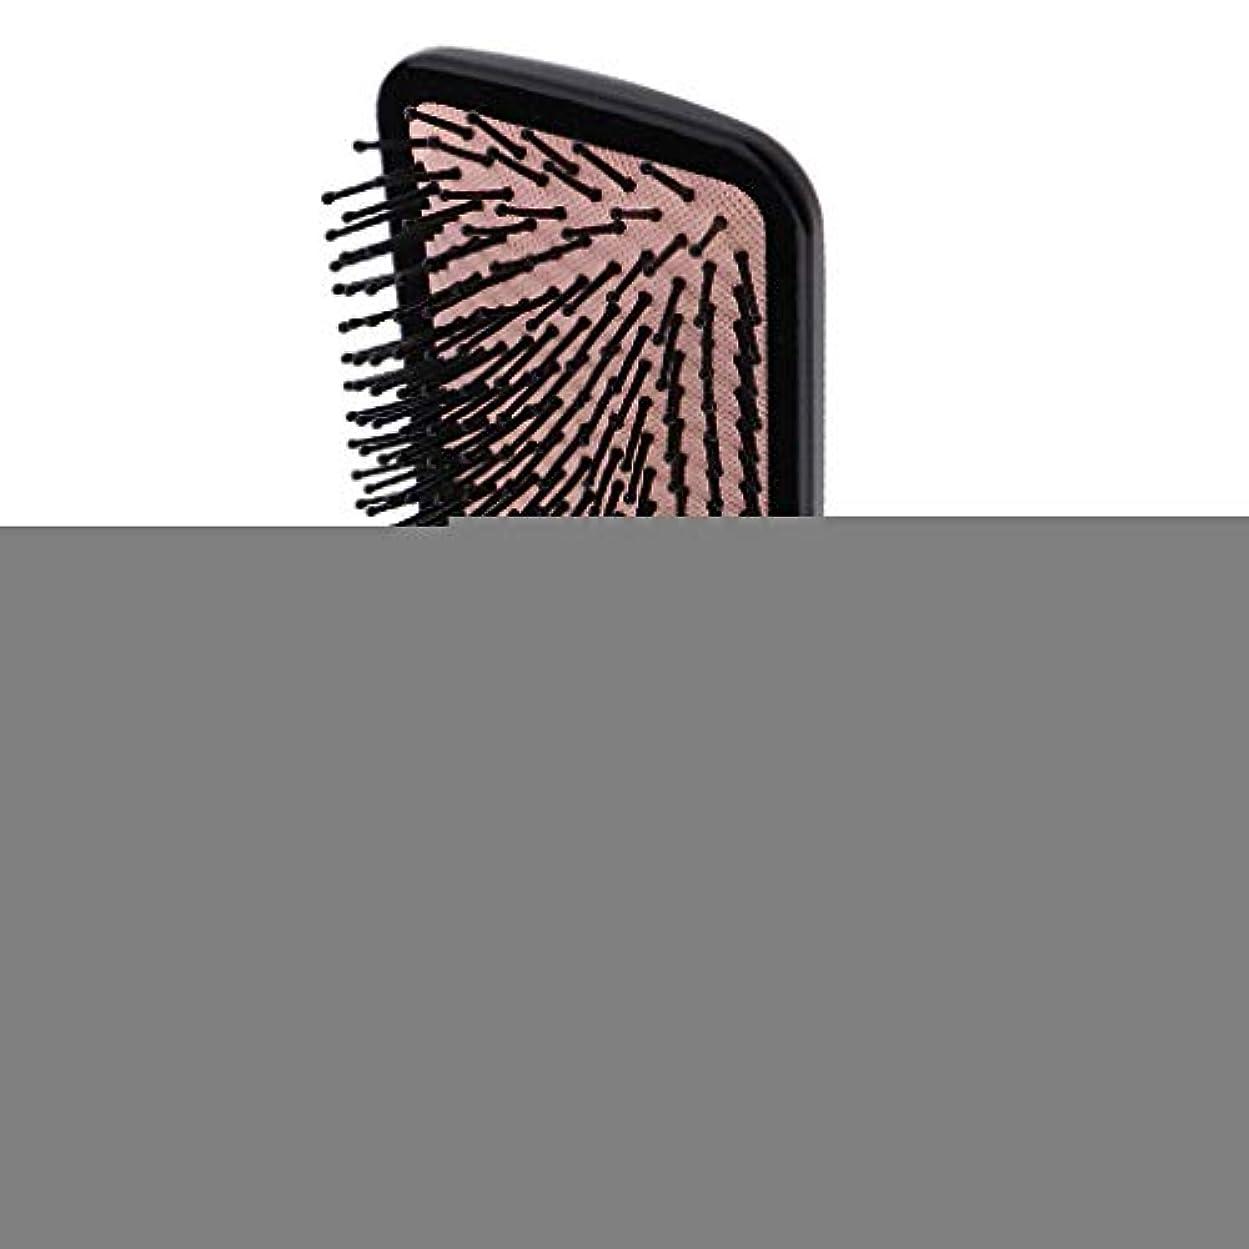 迷惑例外青Perfeclan ヘアブラシ 櫛 くし 頭皮/肩/顔マッサージコーム 美髪ケア 血行促進 薄毛改善 全2サイズ - スクエア